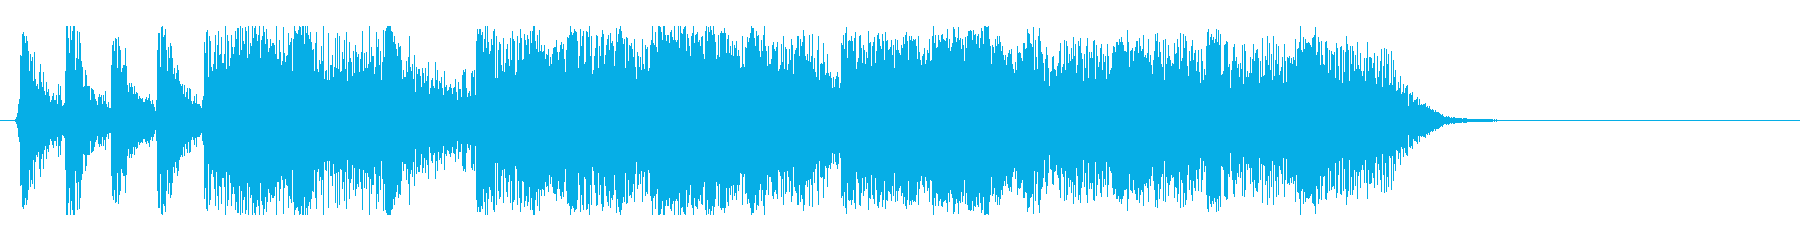 クイズ回答オープン!の再生済みの波形